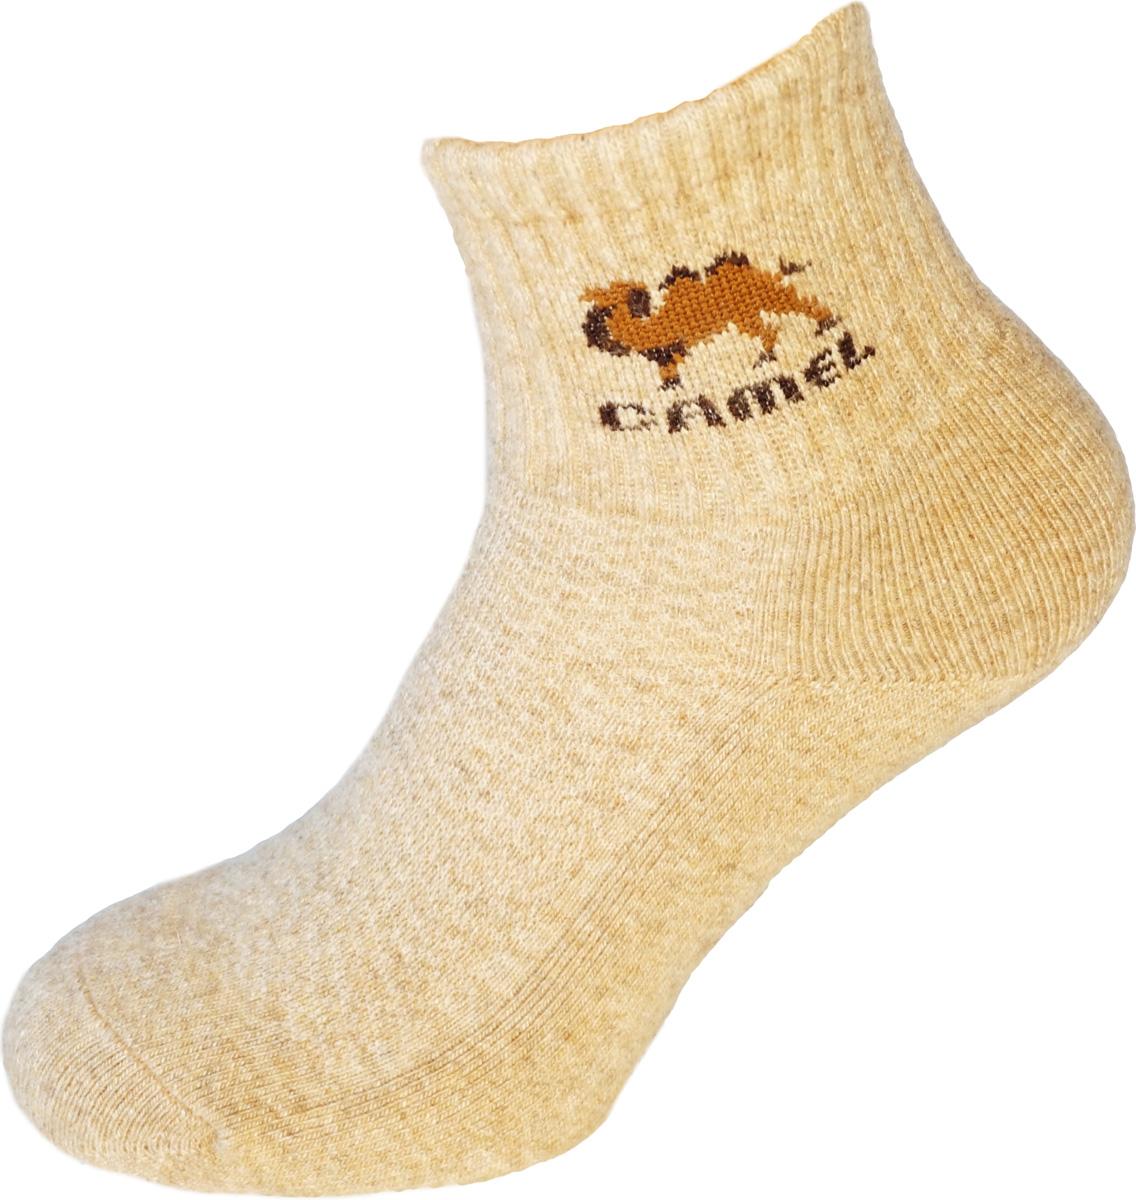 Термоноски BG Camel Wool, цвет: бежевый. 825579_3. Размер 37/39825579_3Свойства: обладают высокой гигроскопичностью, препятствуют переохлаждению и перегреву стоп. Подходят для чувствительной кожи, улучшают циркуляцию крови. Высокая износостойкость.